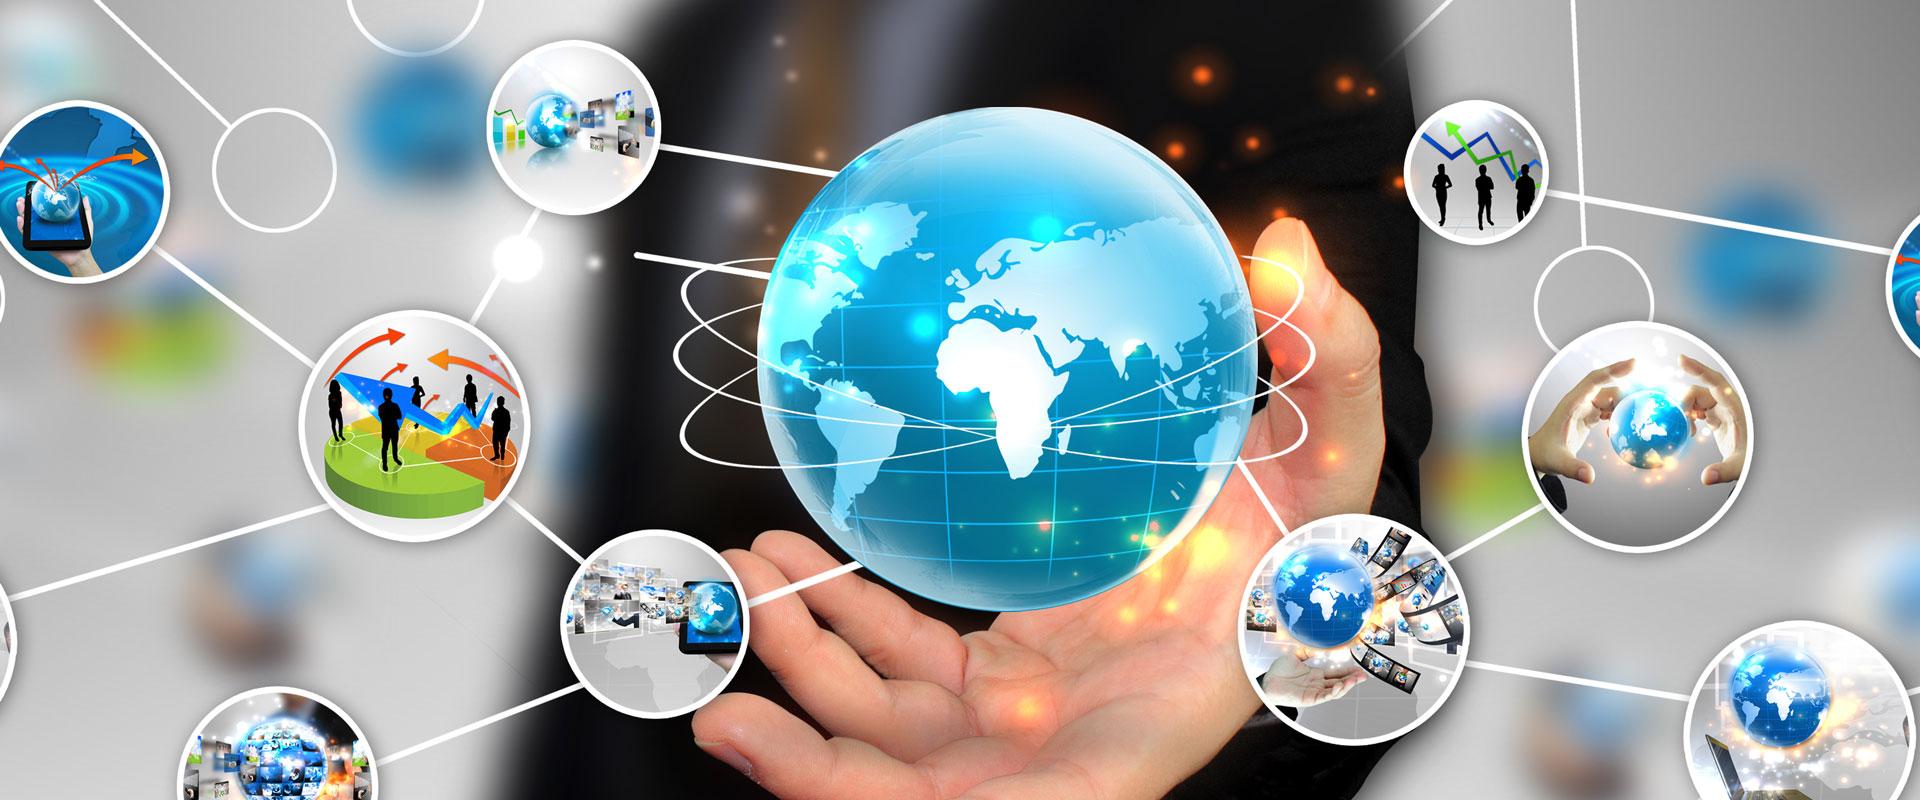 invisage-technology-header